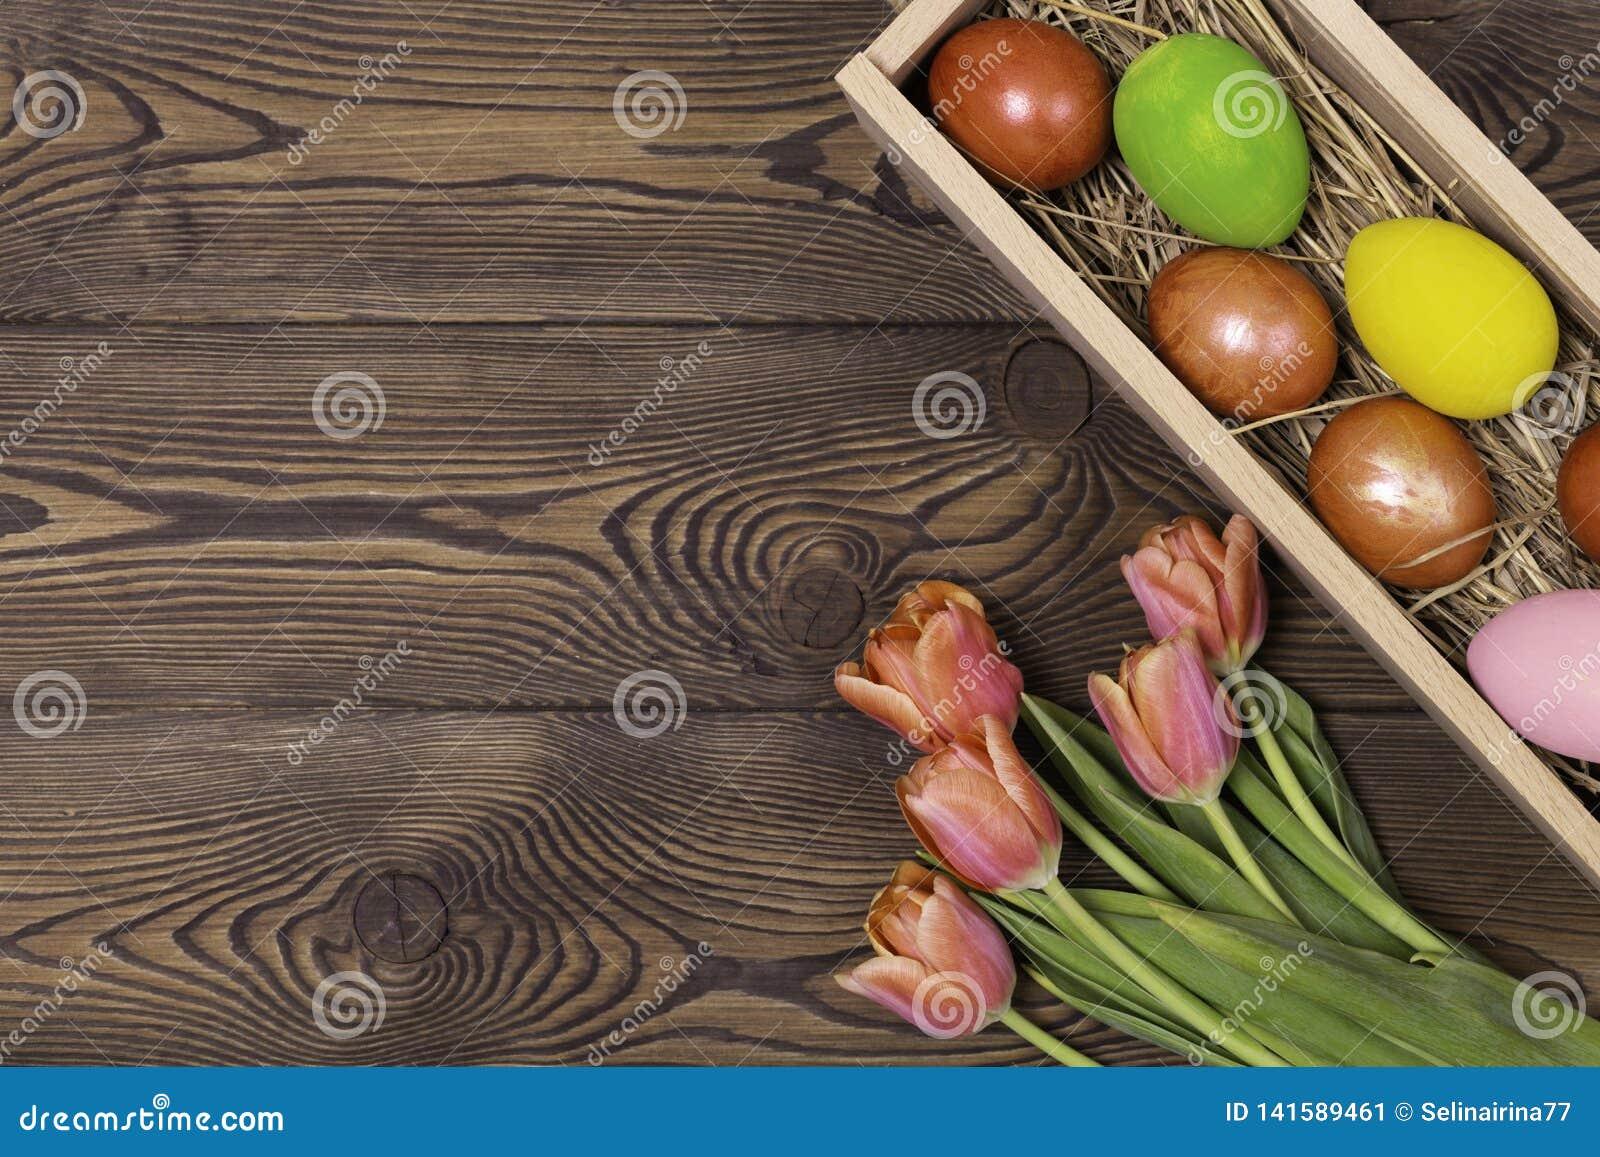 Gelukkige Pasen Felicitatiepasen-achtergrond Paaseieren en Bloemen